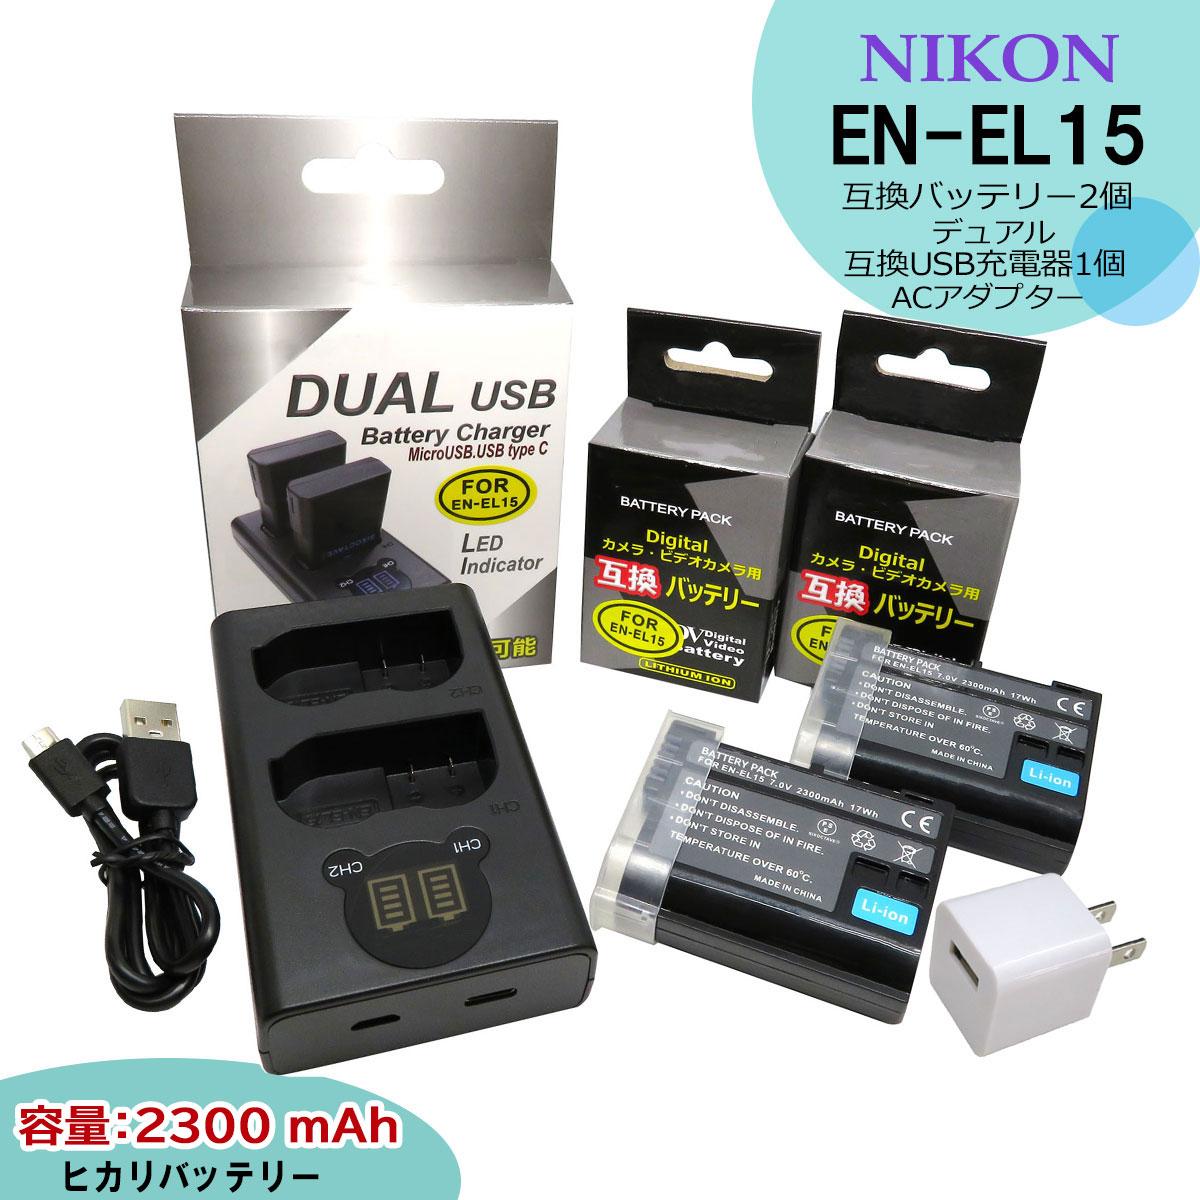 デジタルカメラ用アクセサリー, バッテリーパック  EN-EL15 NIKON 2 MH-25MH-25a 2D500 D600 D610 D750 D800 D800E D810 D810A D850 Z6 Z7 D7000 D7100 D7200 D7500 1 V1 (a1)